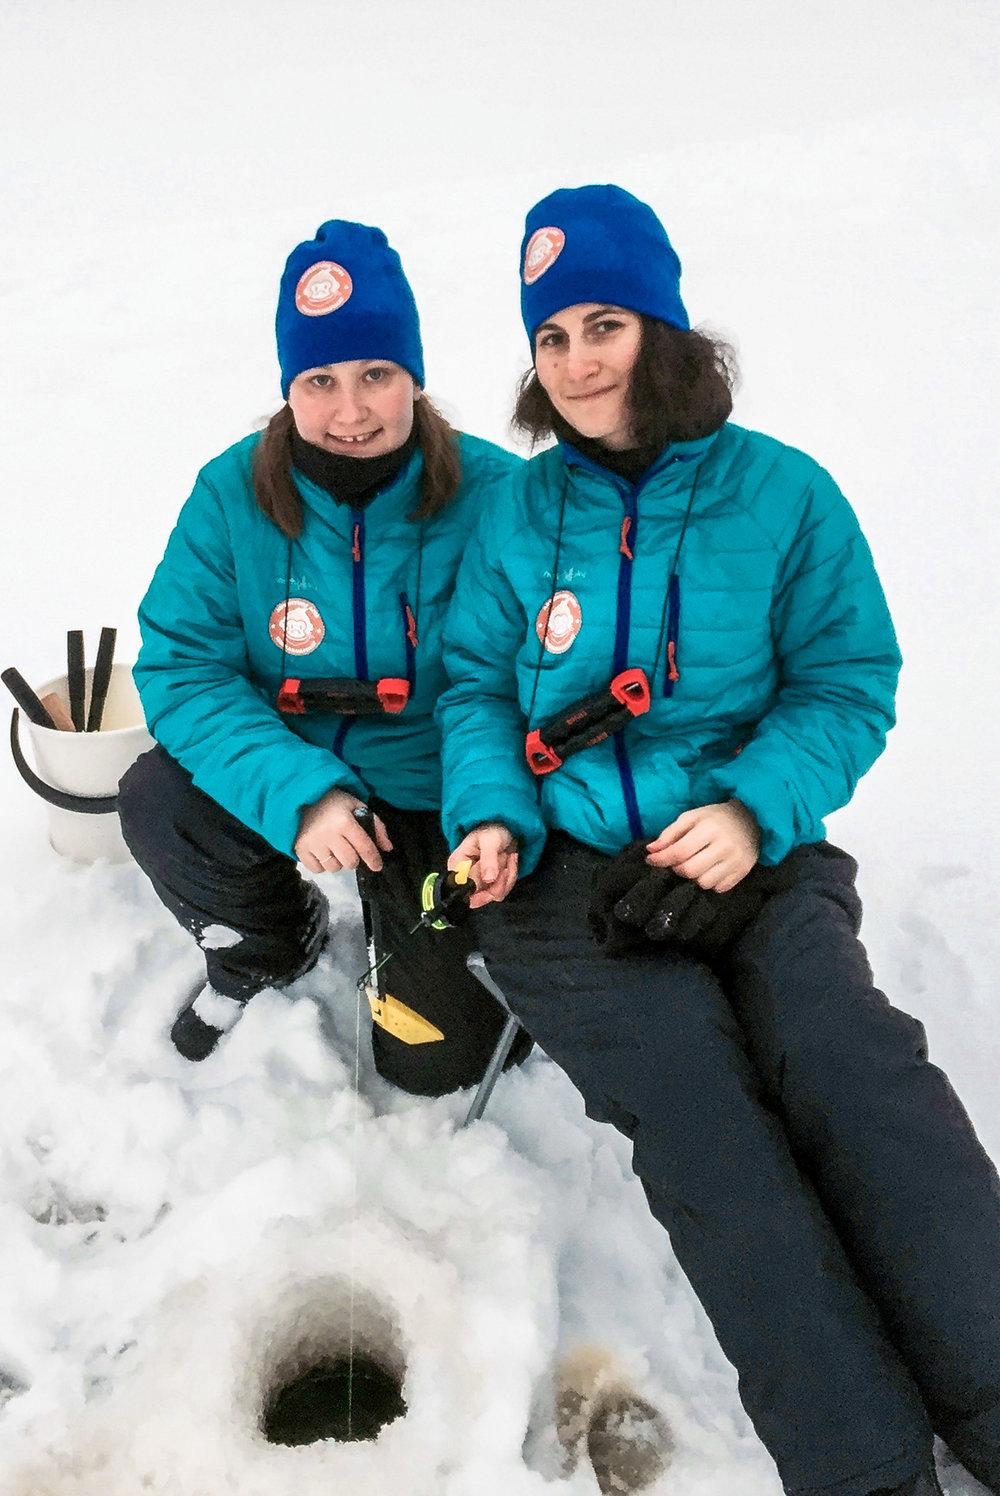 Ice fishing on frozen Finnish lakes